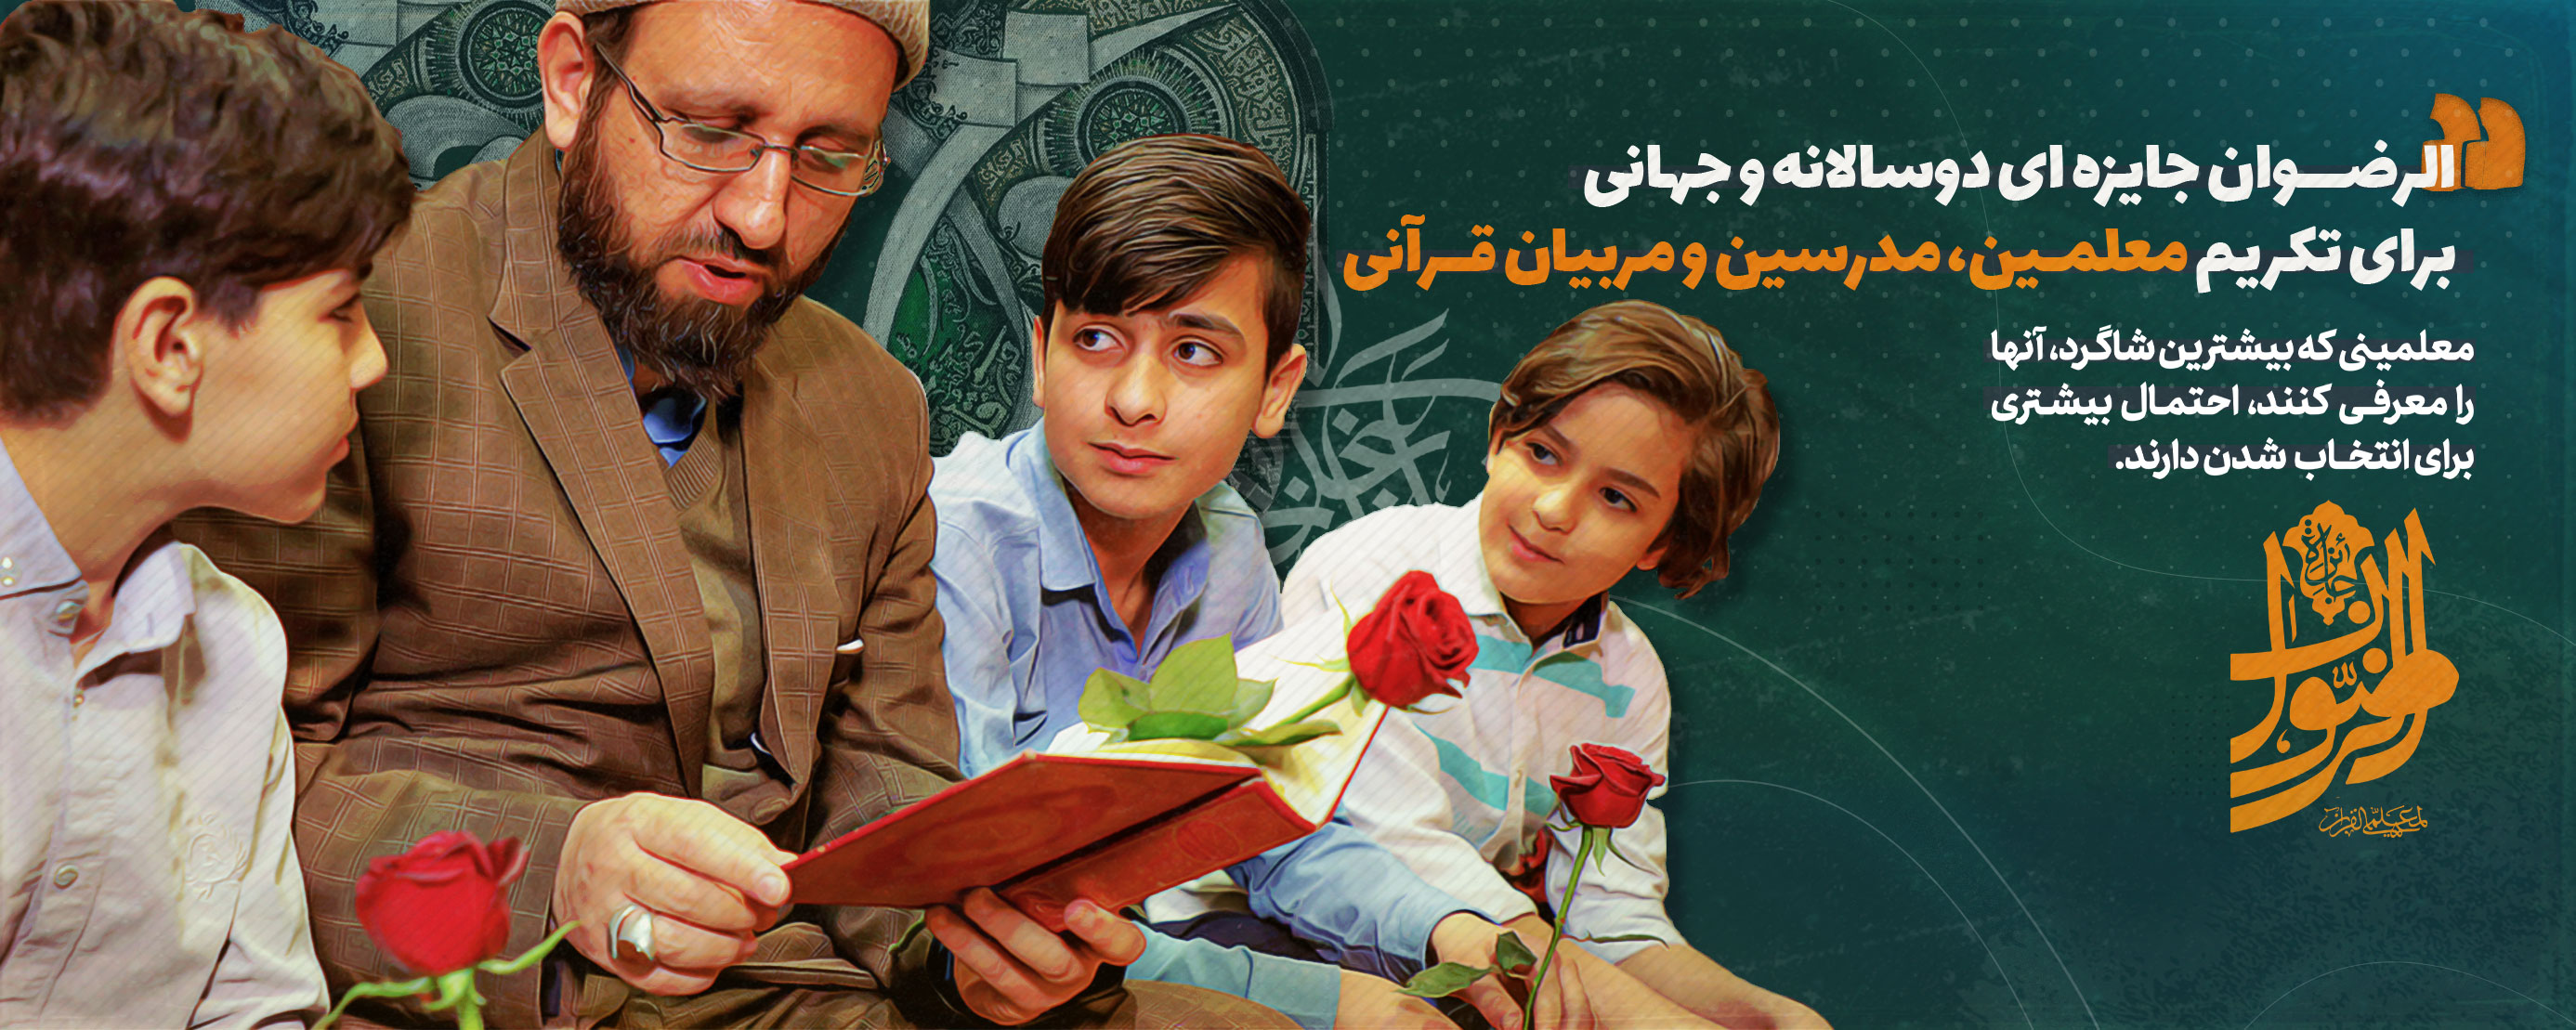 معلمان قرآنی خود را برای جشنواره قرآنی «الرضوان» معرفی کنید